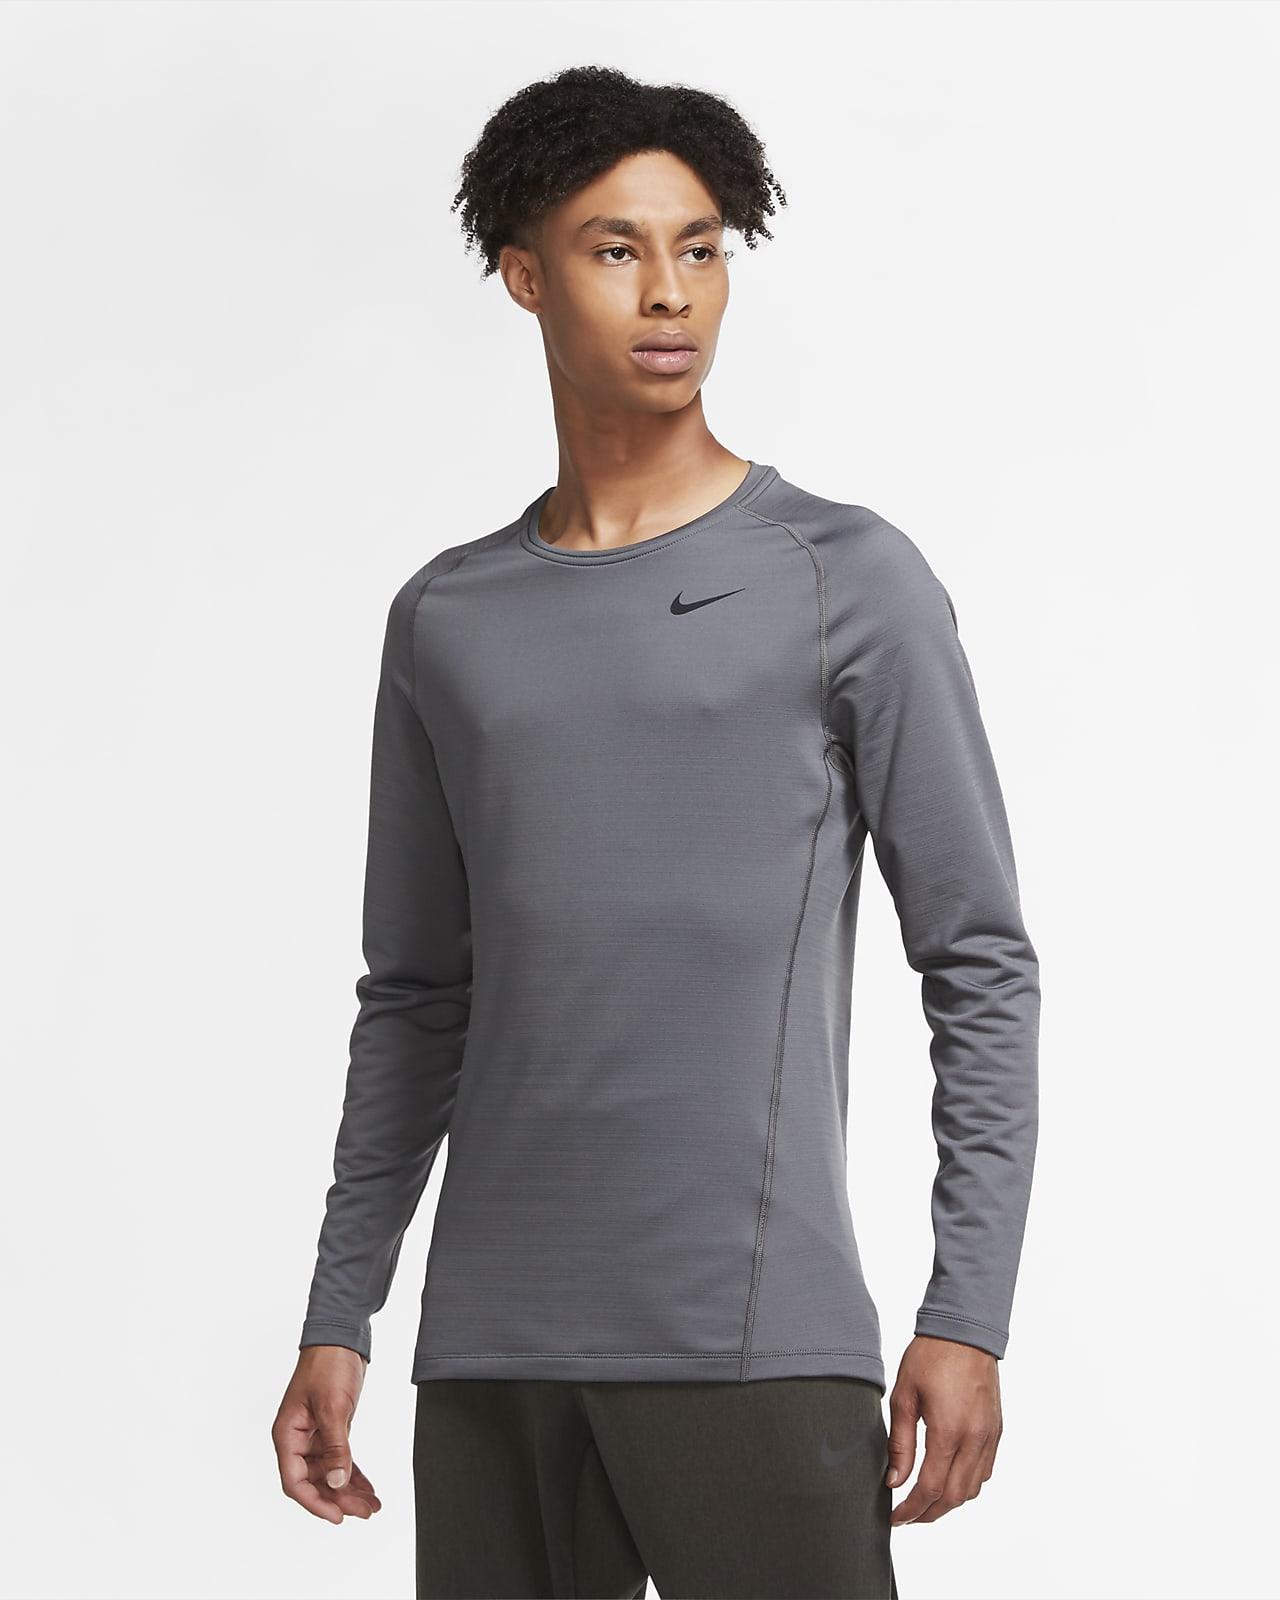 Camisola de manga comprida Nike Pro Warm para homem